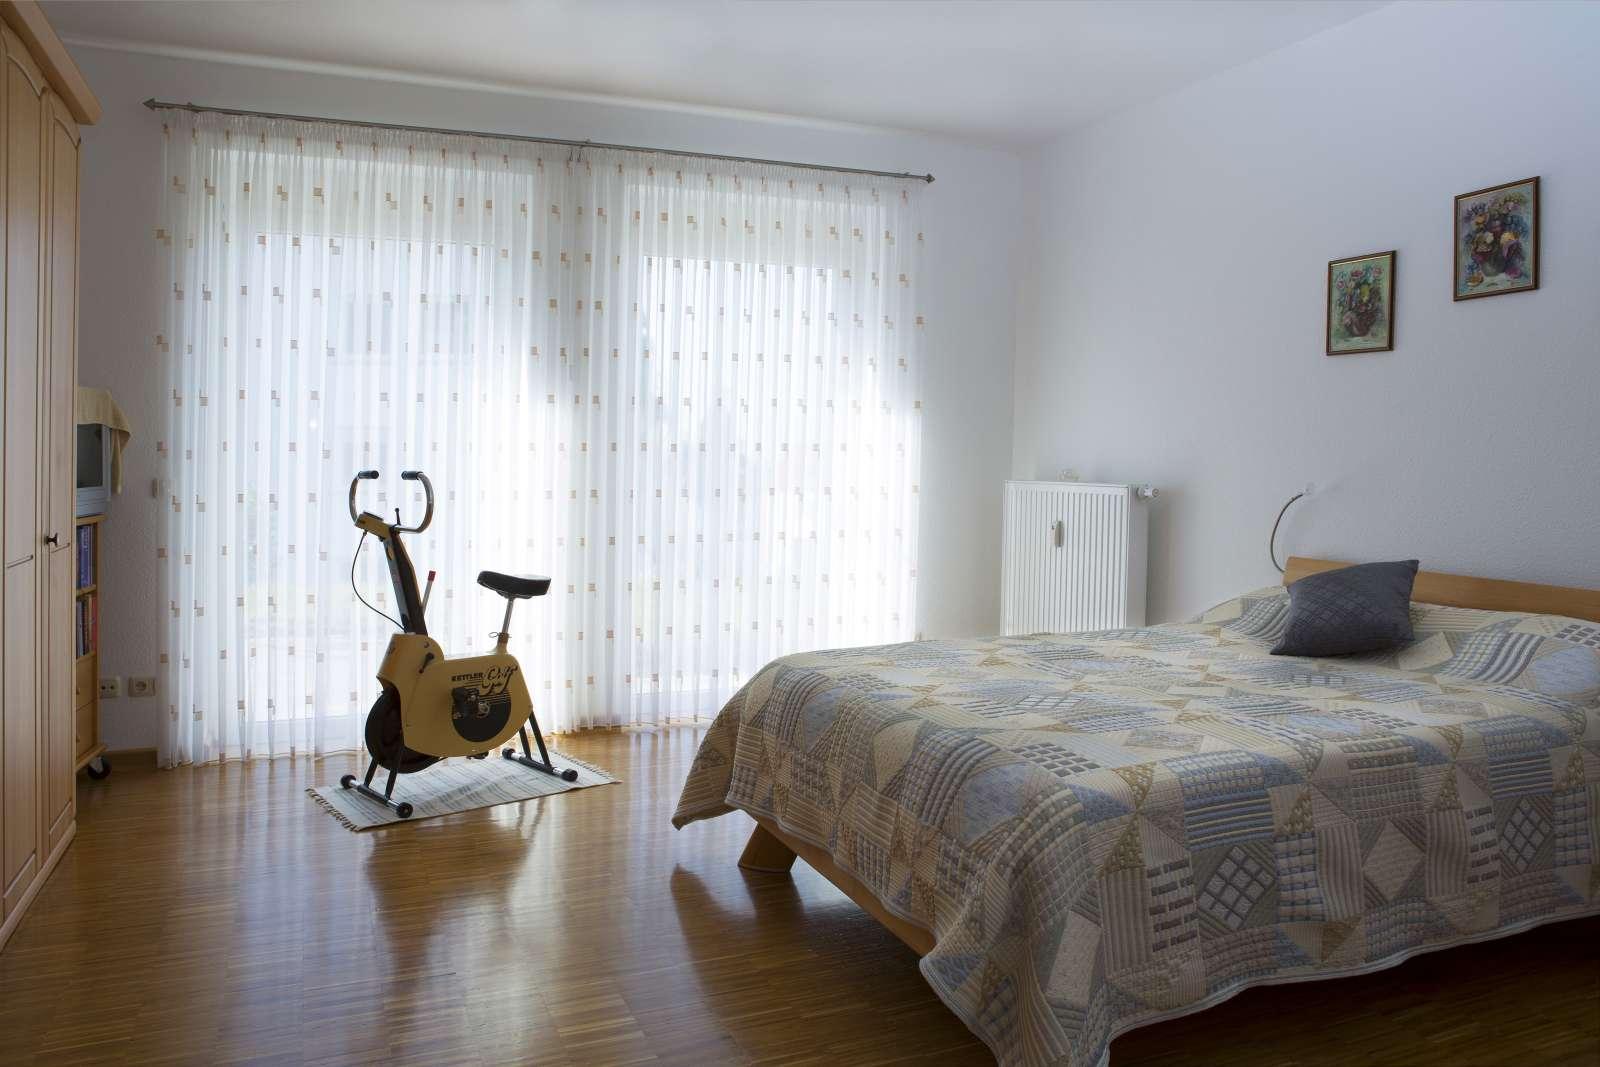 betreutes wohnen caritashaus st elisabeth koblenz arenberg. Black Bedroom Furniture Sets. Home Design Ideas